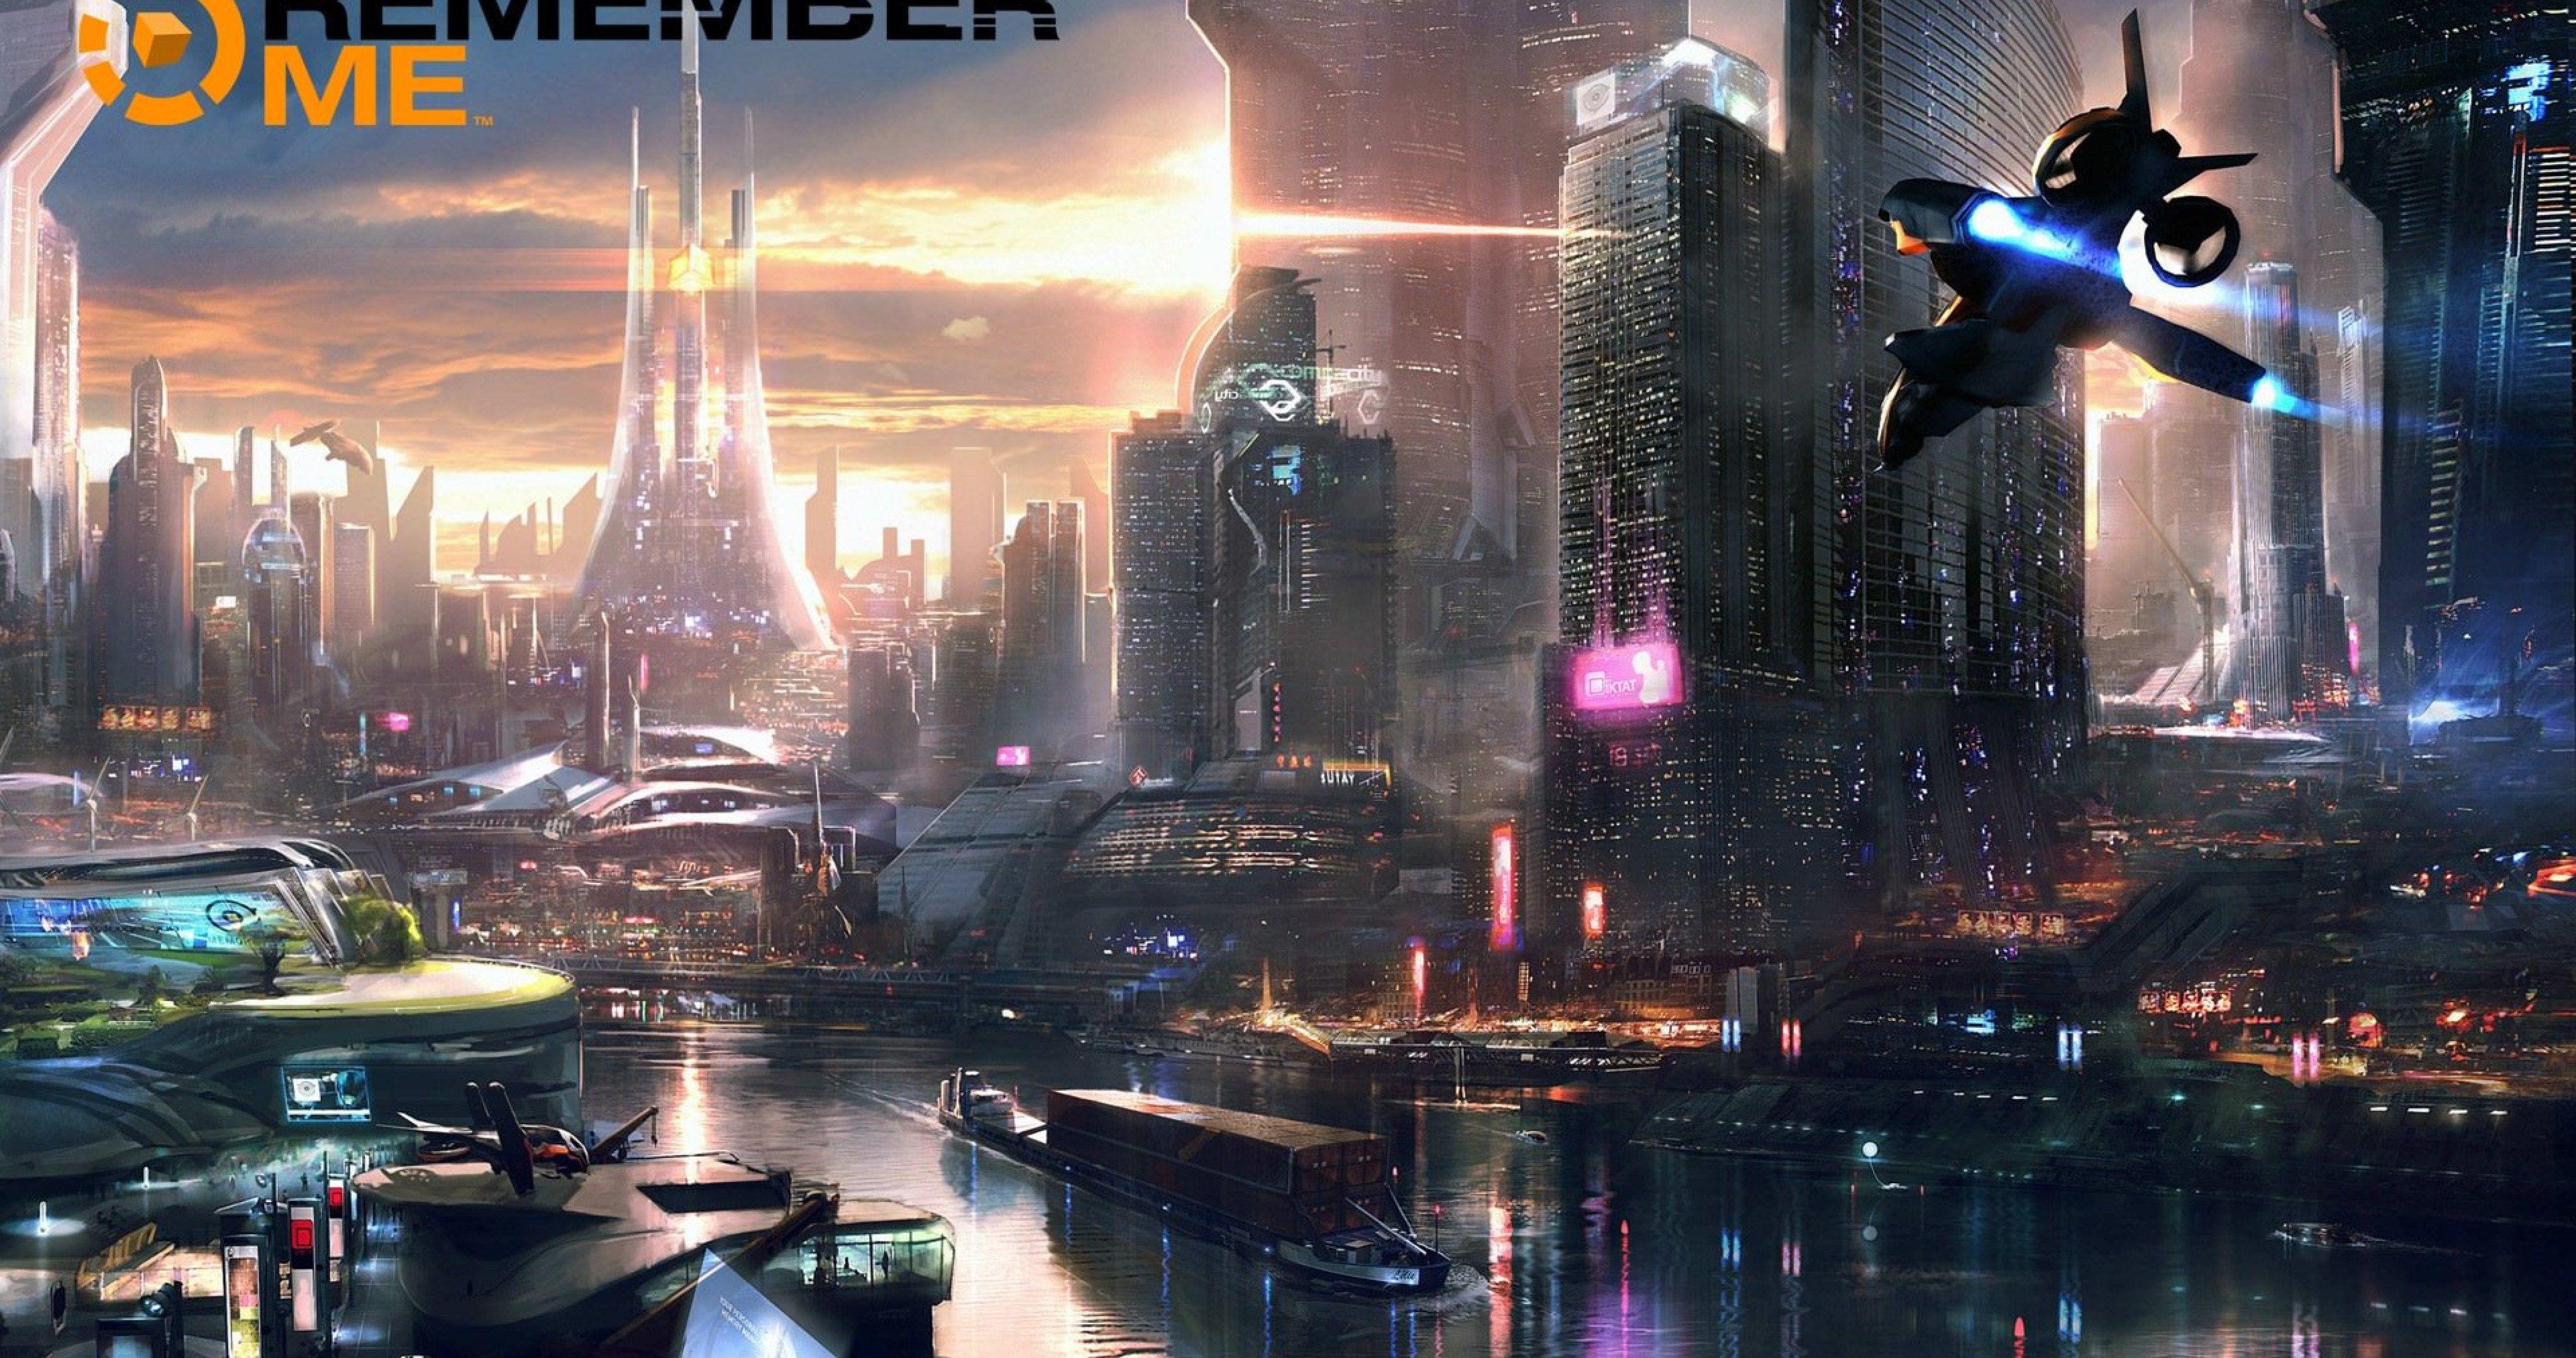 Remember Me Game 4k Ultra Hd Wallpaper Futuristic City Sci Fi City Cyberpunk City